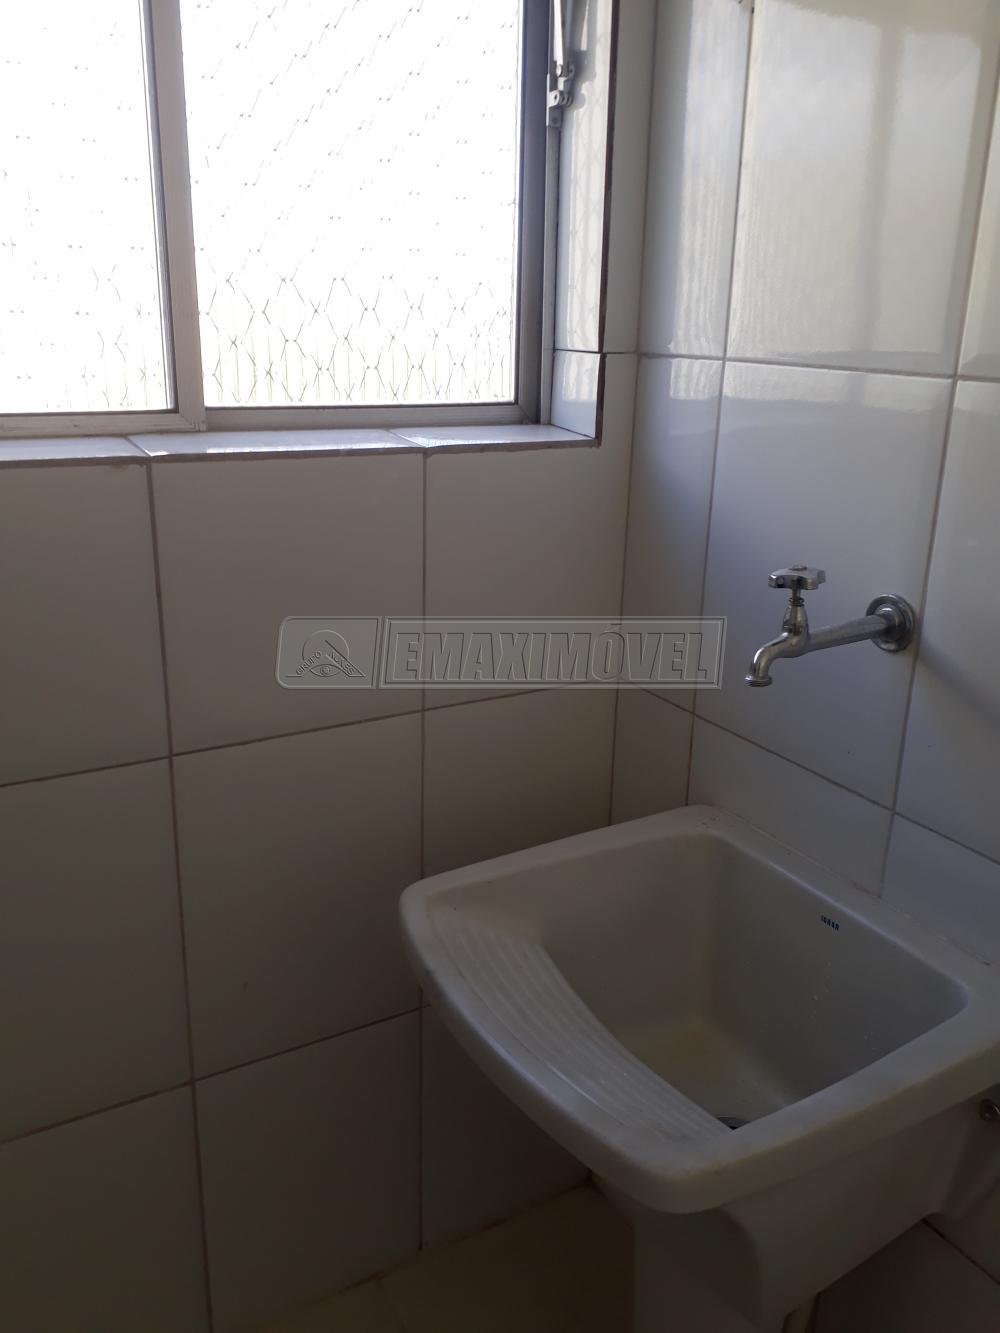 Alugar Apartamentos / Apto Padrão em Sorocaba apenas R$ 500,00 - Foto 23